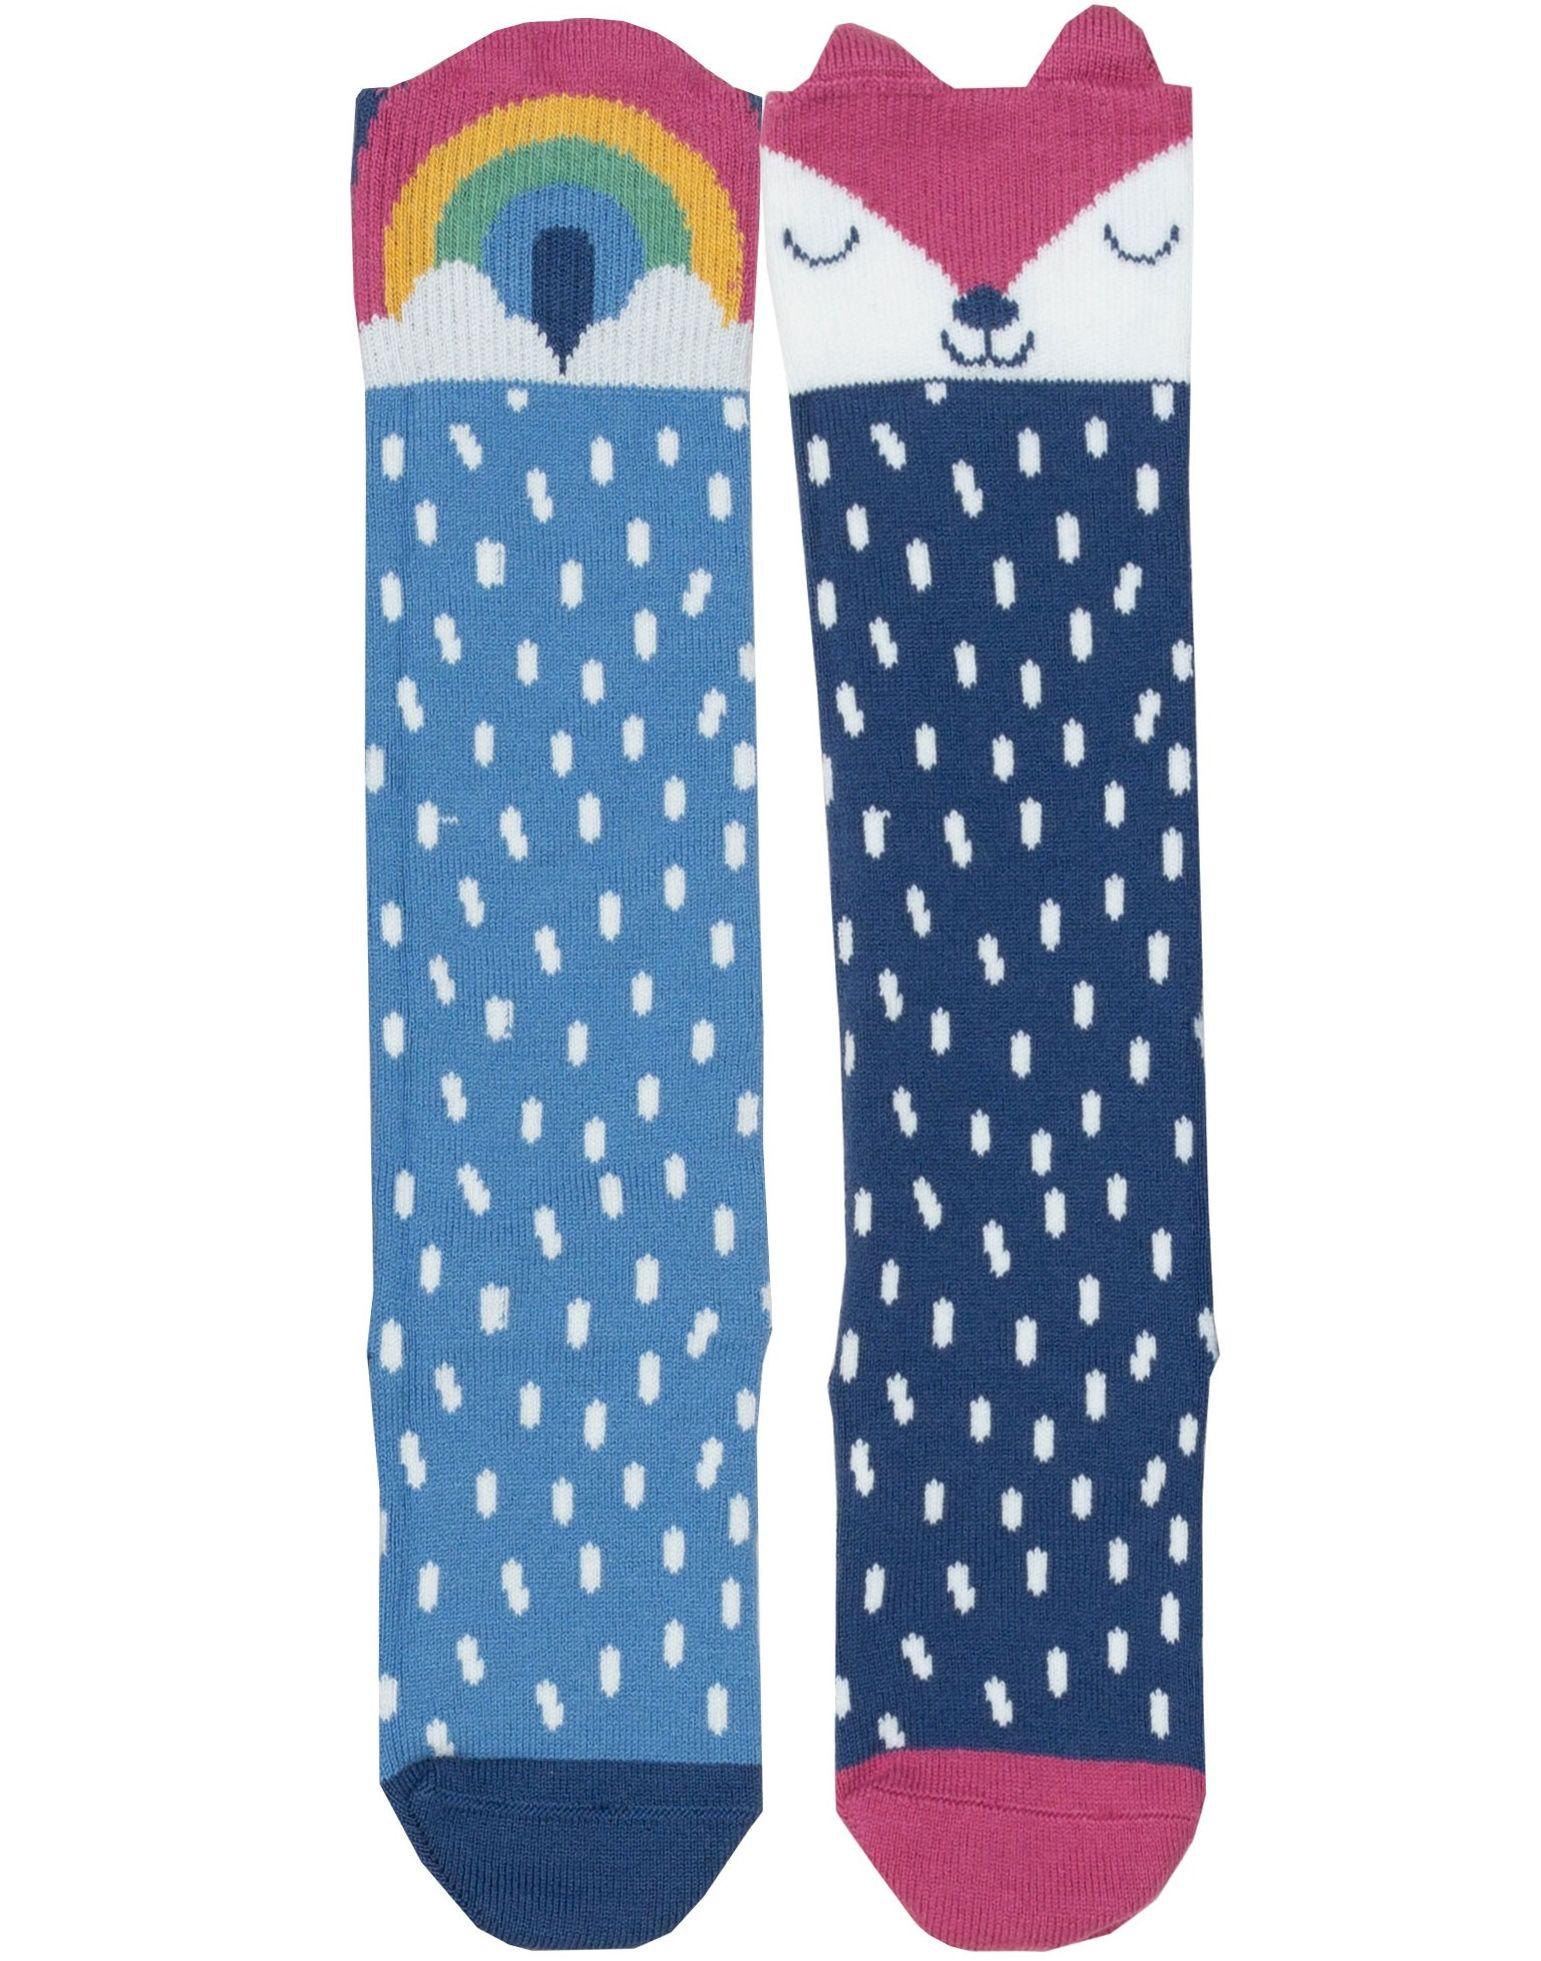 Getupfte Kinder-Kniestrümpfe im Doppelpack mit Fuchs und Regenbogen